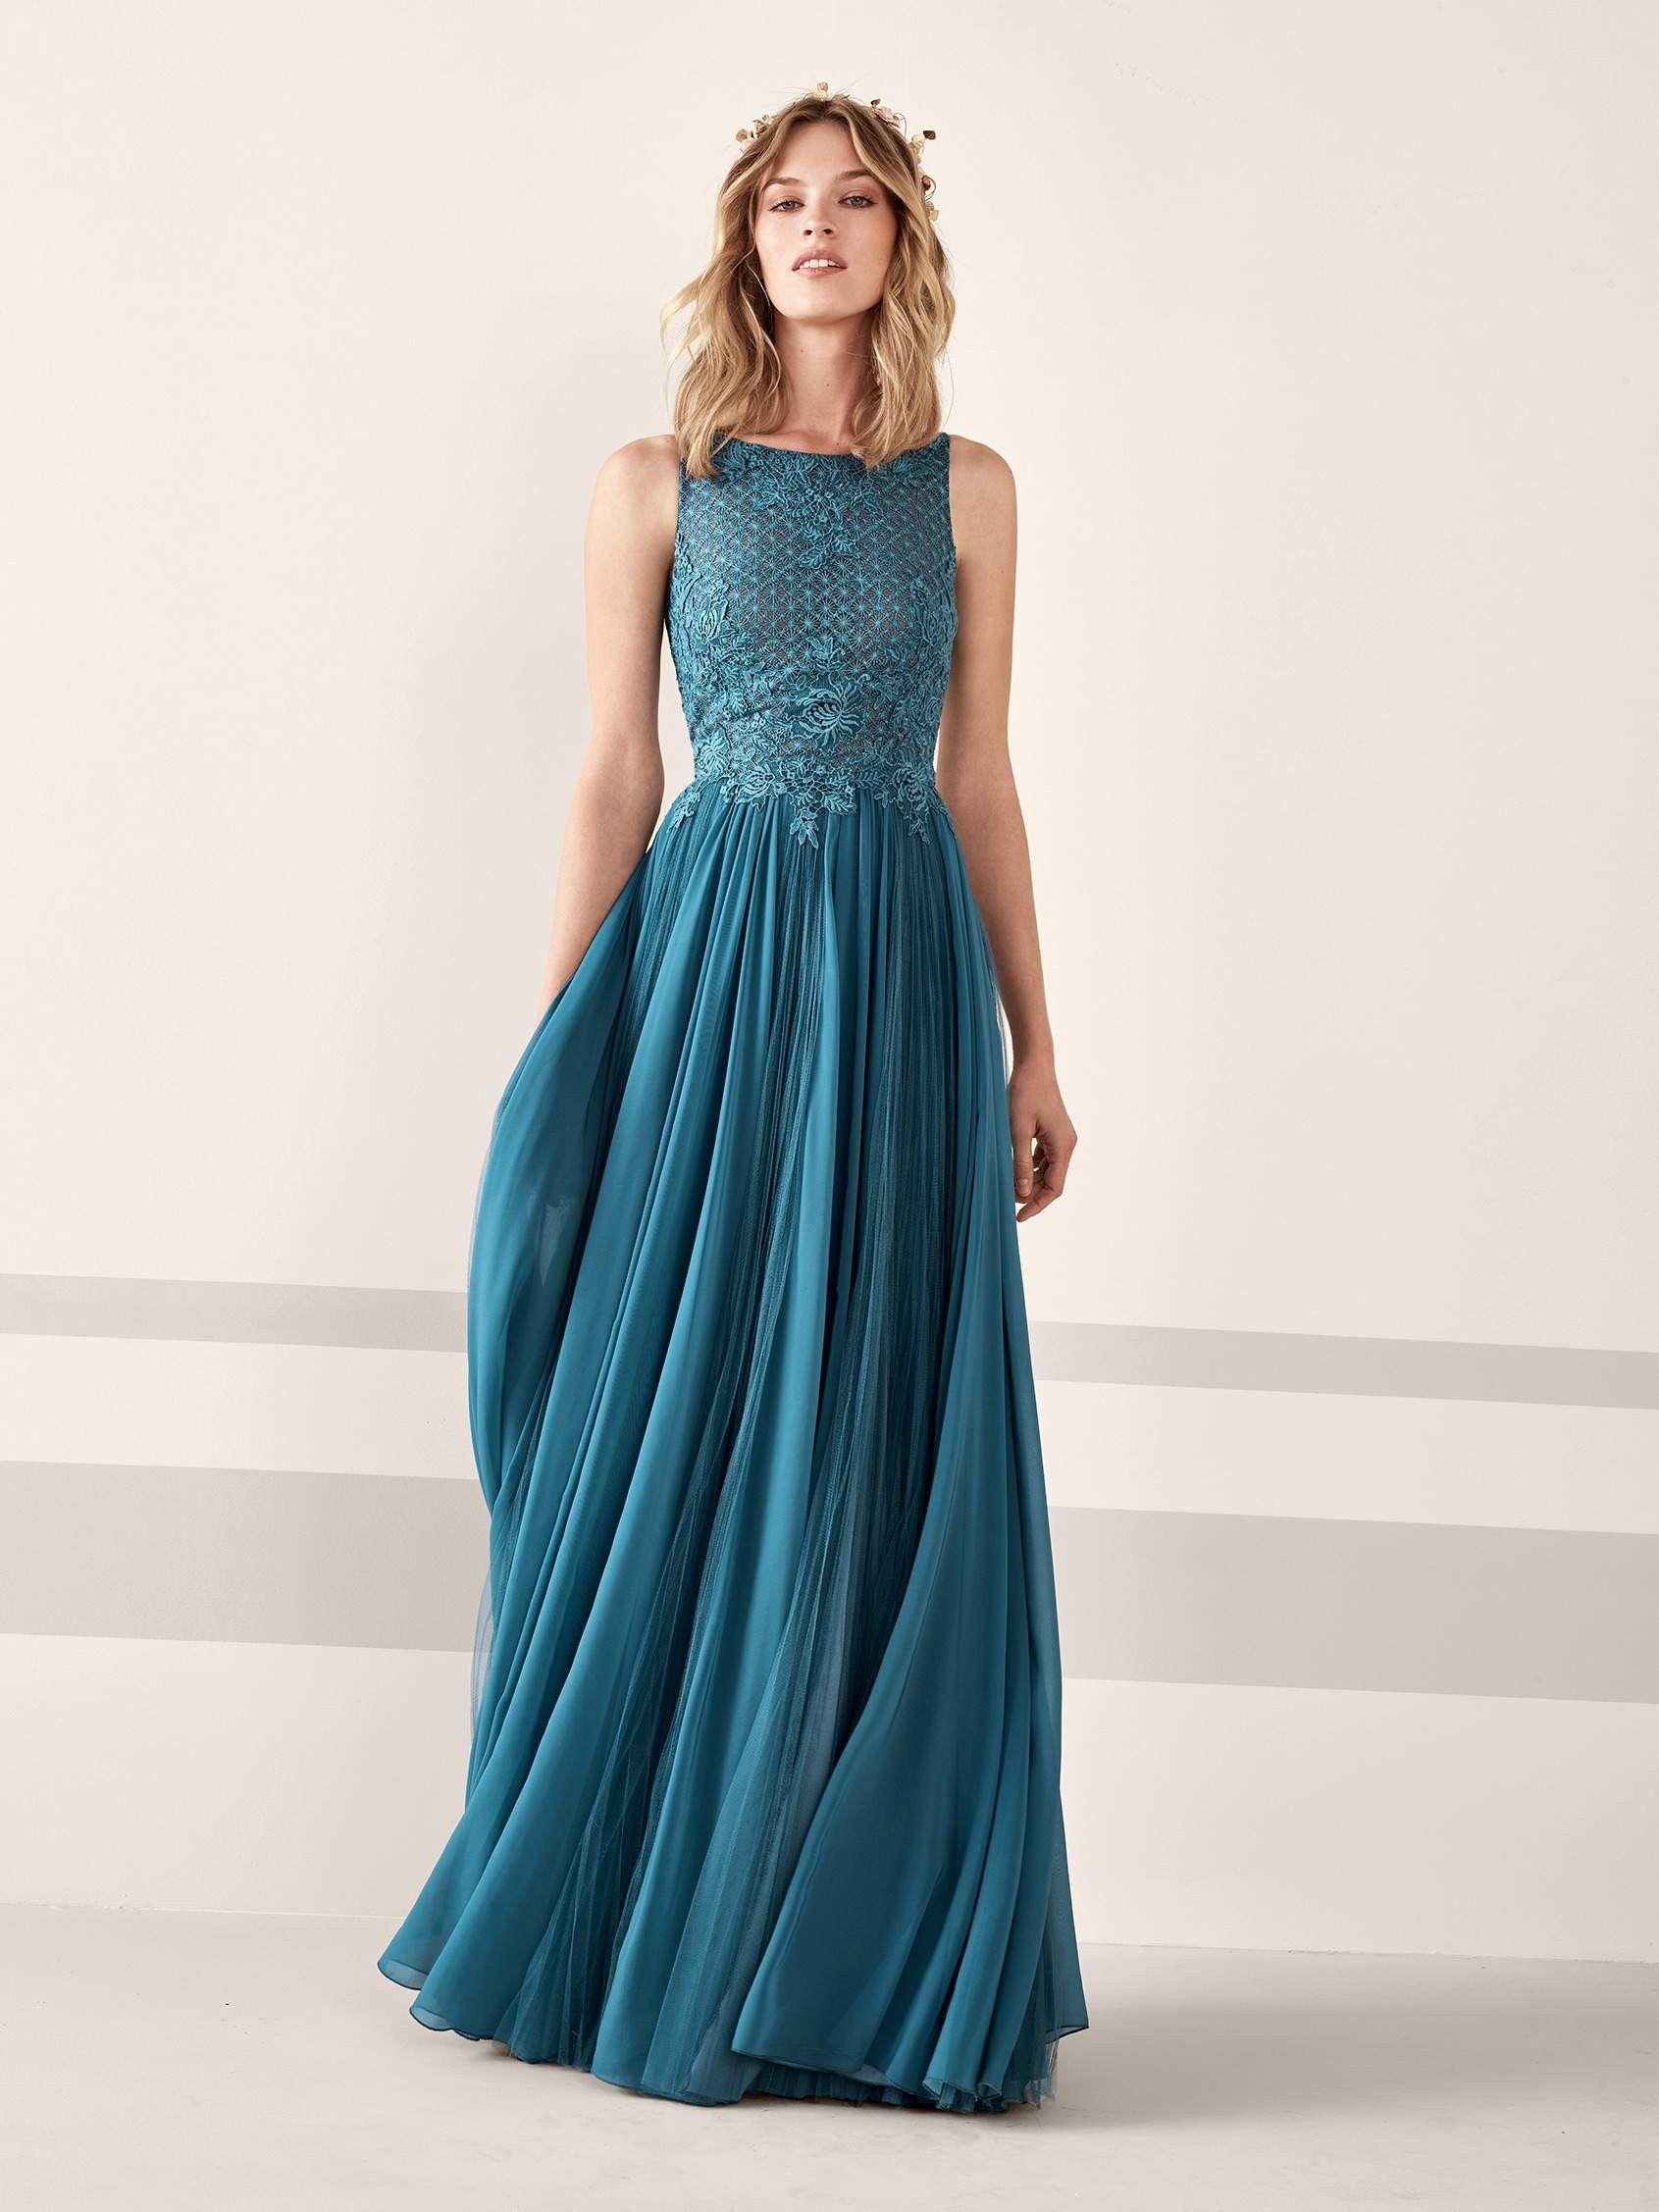 JANA  Un vestido de fiesta inspirado en las ninfas del bosque 7de15cff0771